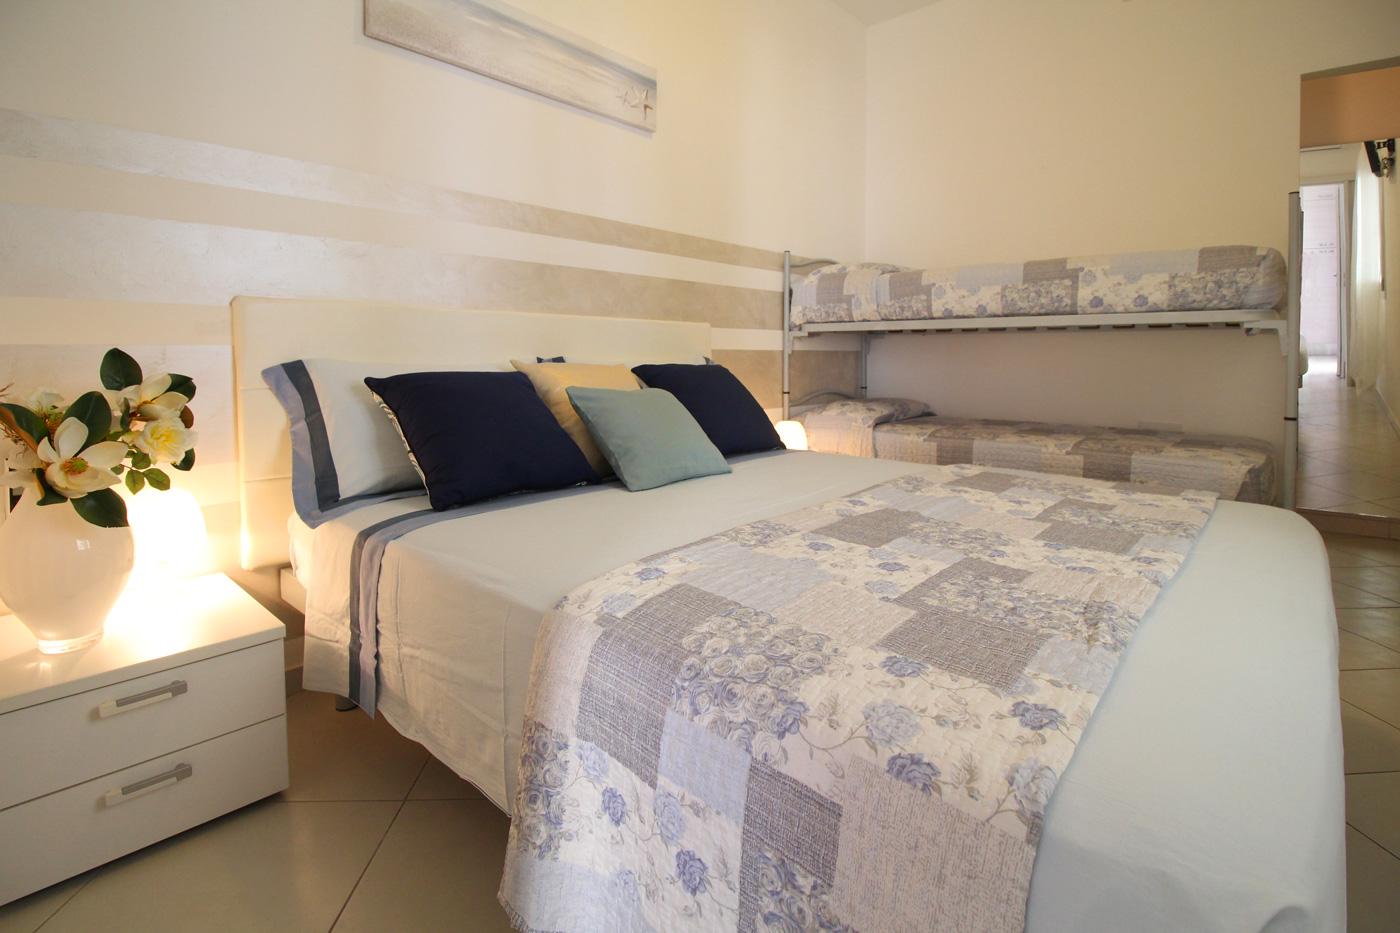 Appartamento la casina di gatteo_romagna case vacanze_IMG_8211